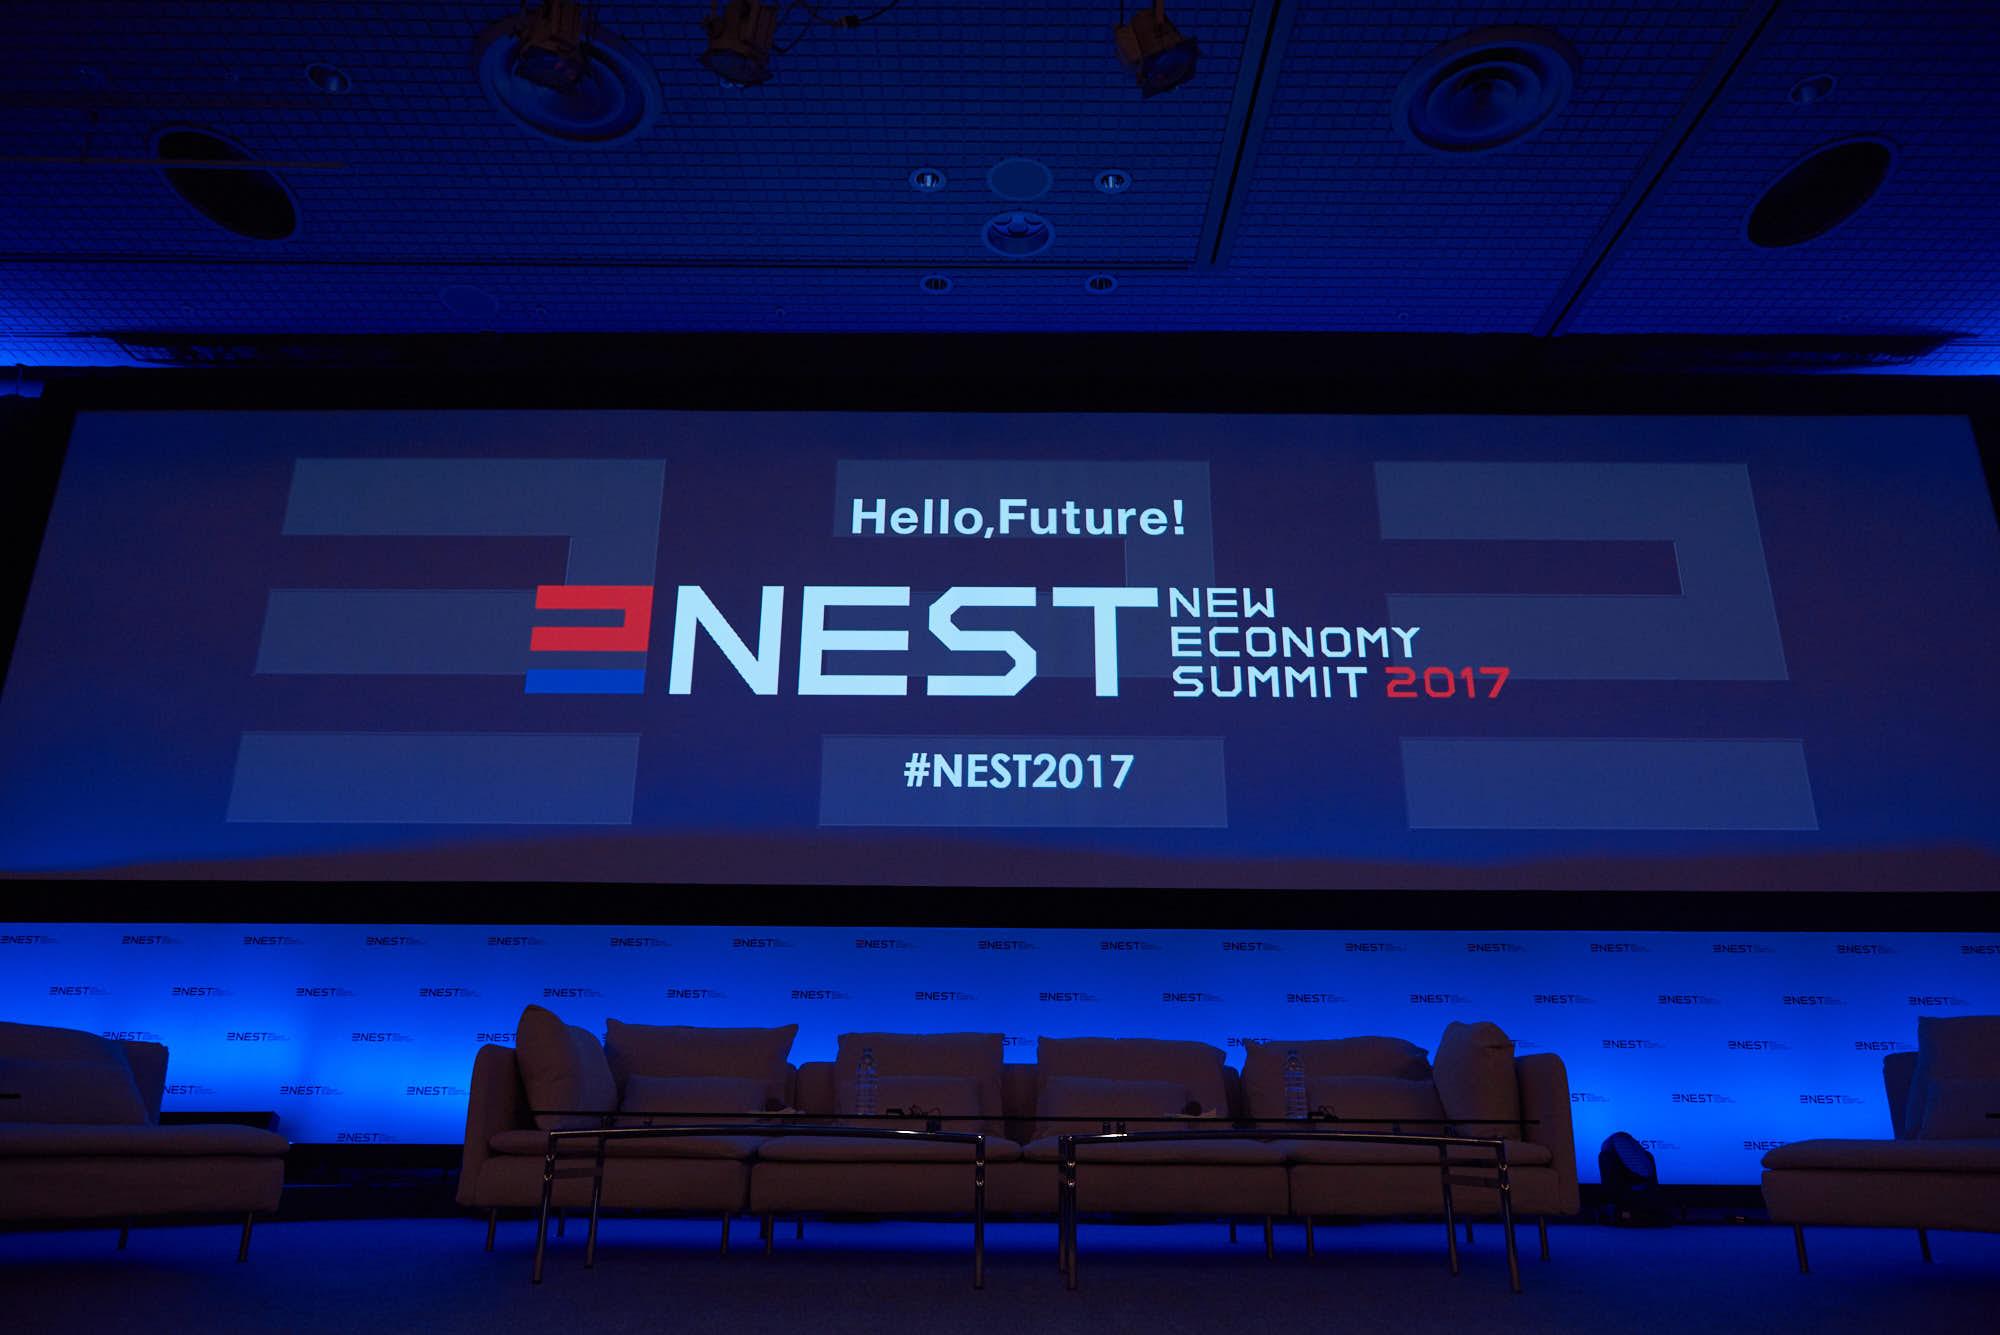 「NEST2017」初日で語られた日本のアントレプレナーシップのためのメッセージとは